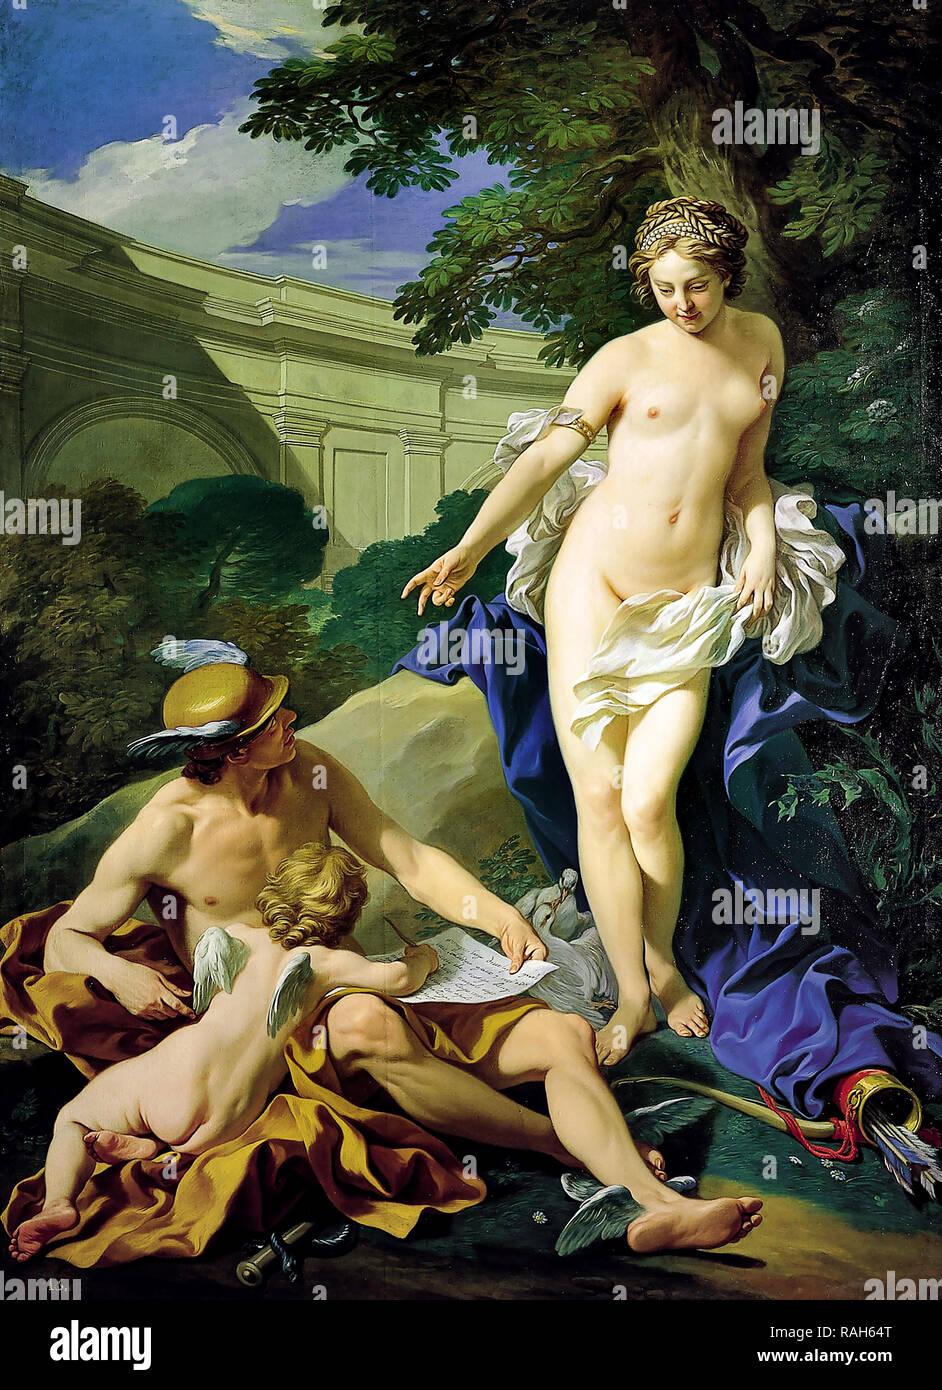 Louis-Michel van Loo, Venus, Mercury and Amor 1748 Oil on canvas, Real Academia de Bellas Artes de San Fernando, Madrid, Spain. - Stock Image